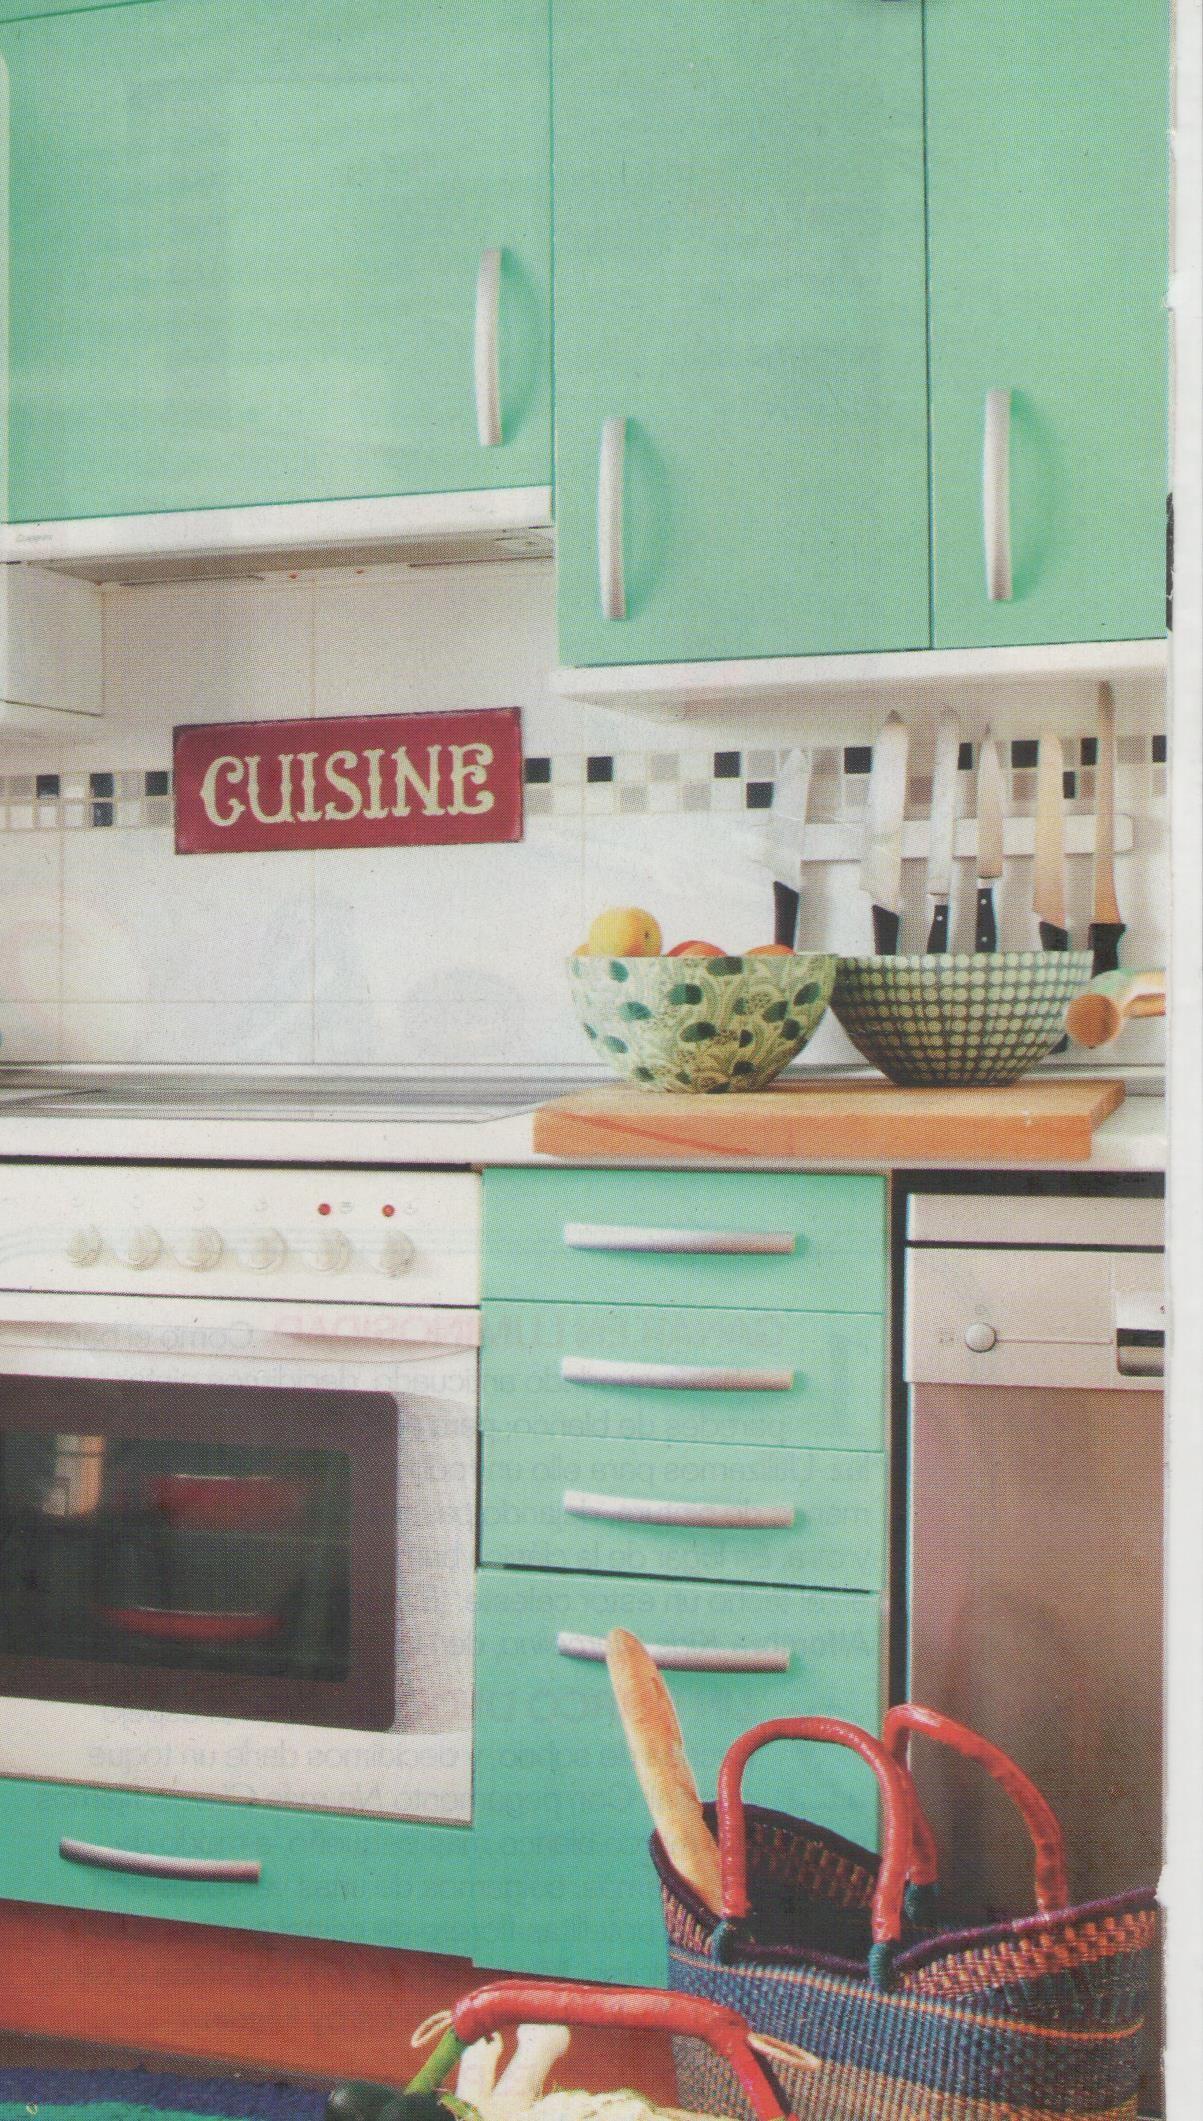 Muebles de cocina forrados con vinilo vinilos - Vinilo muebles cocina ...